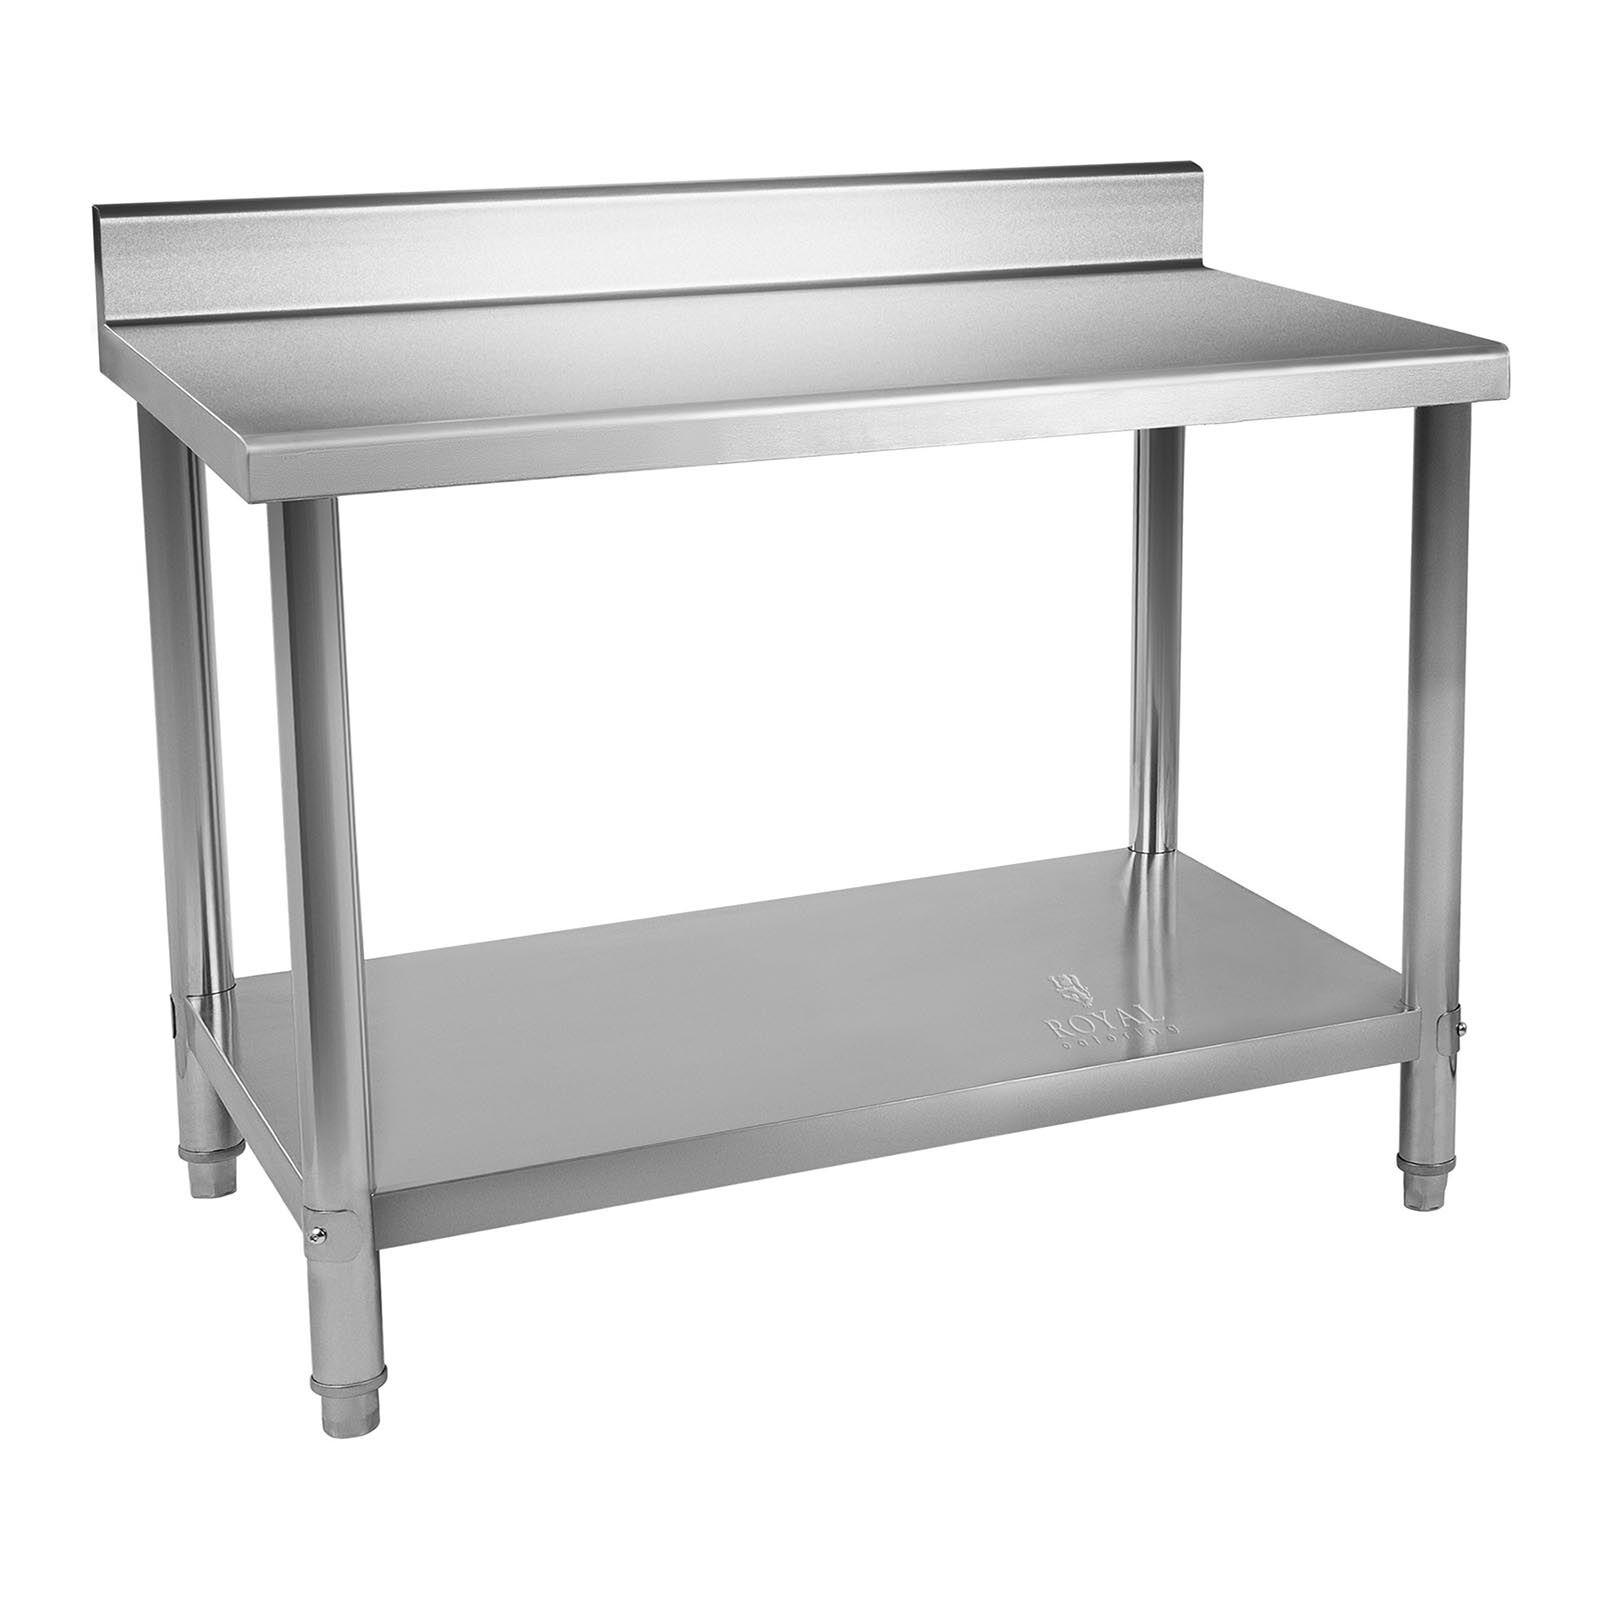 Royal Catering Table de travail en inox - 100 x 70 cm - Avec dosseret - Capacité de 95 kg